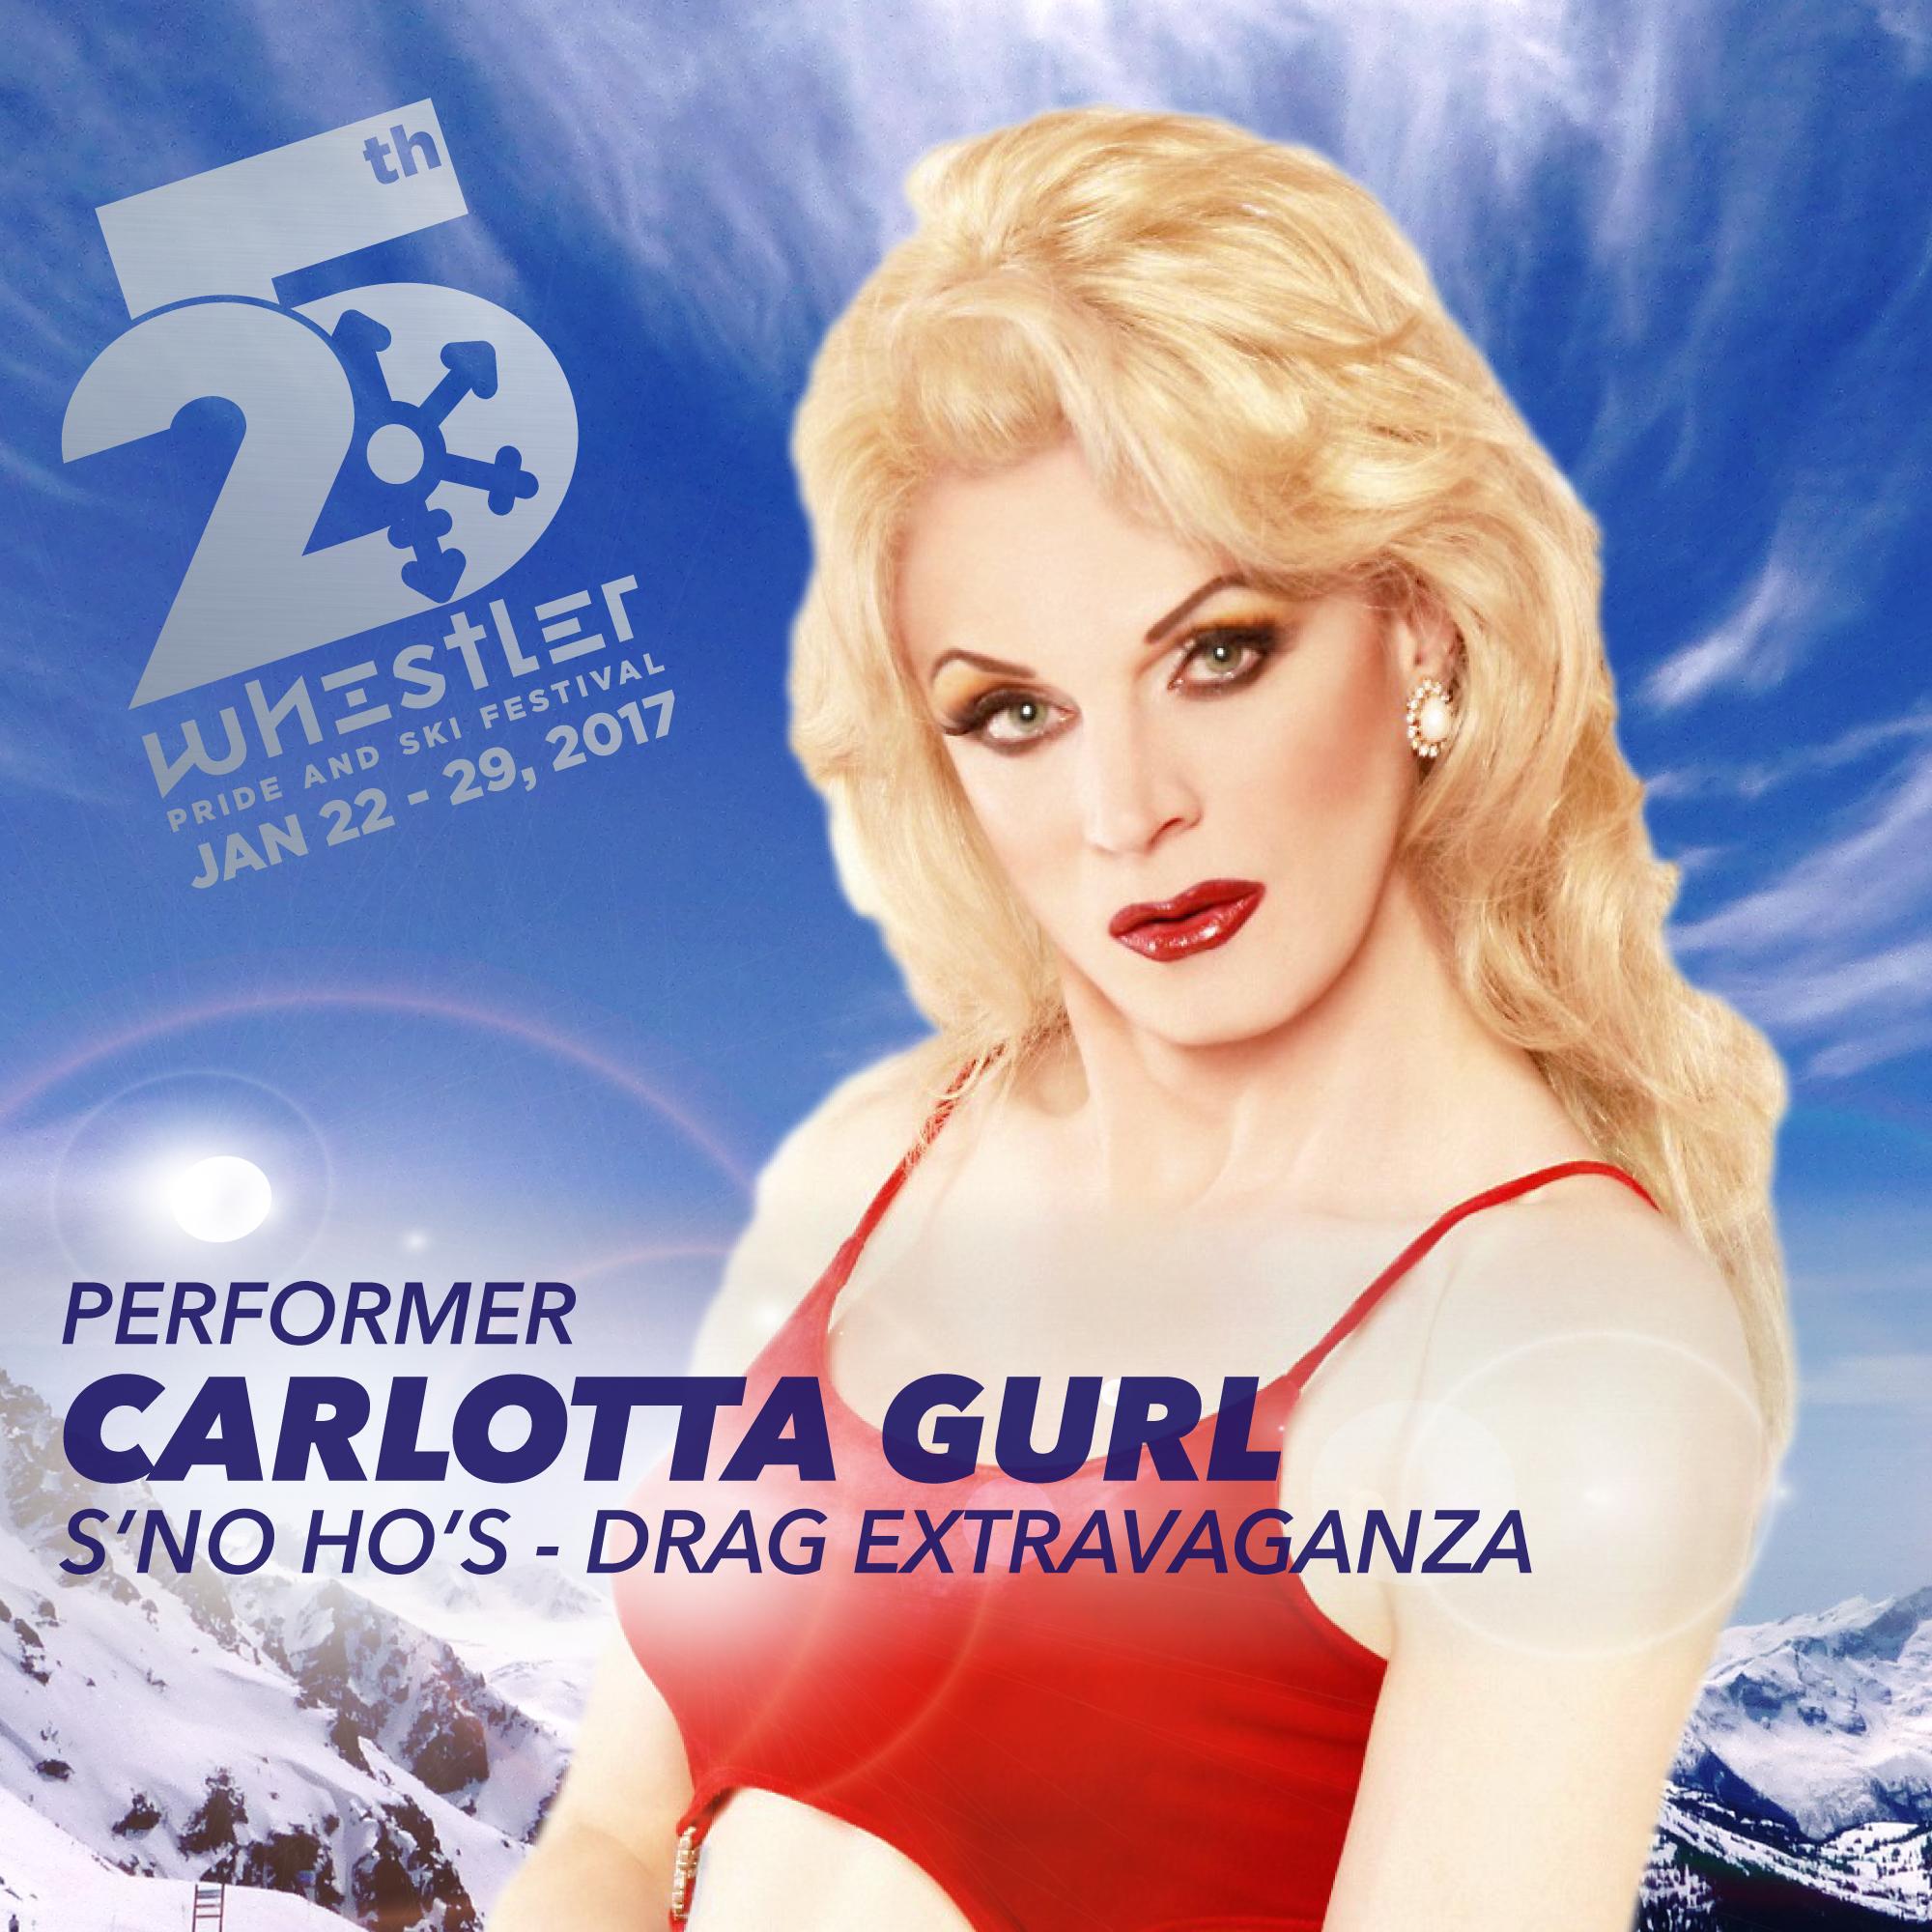 Carlotta Gurl returns to Whistler Pride 25